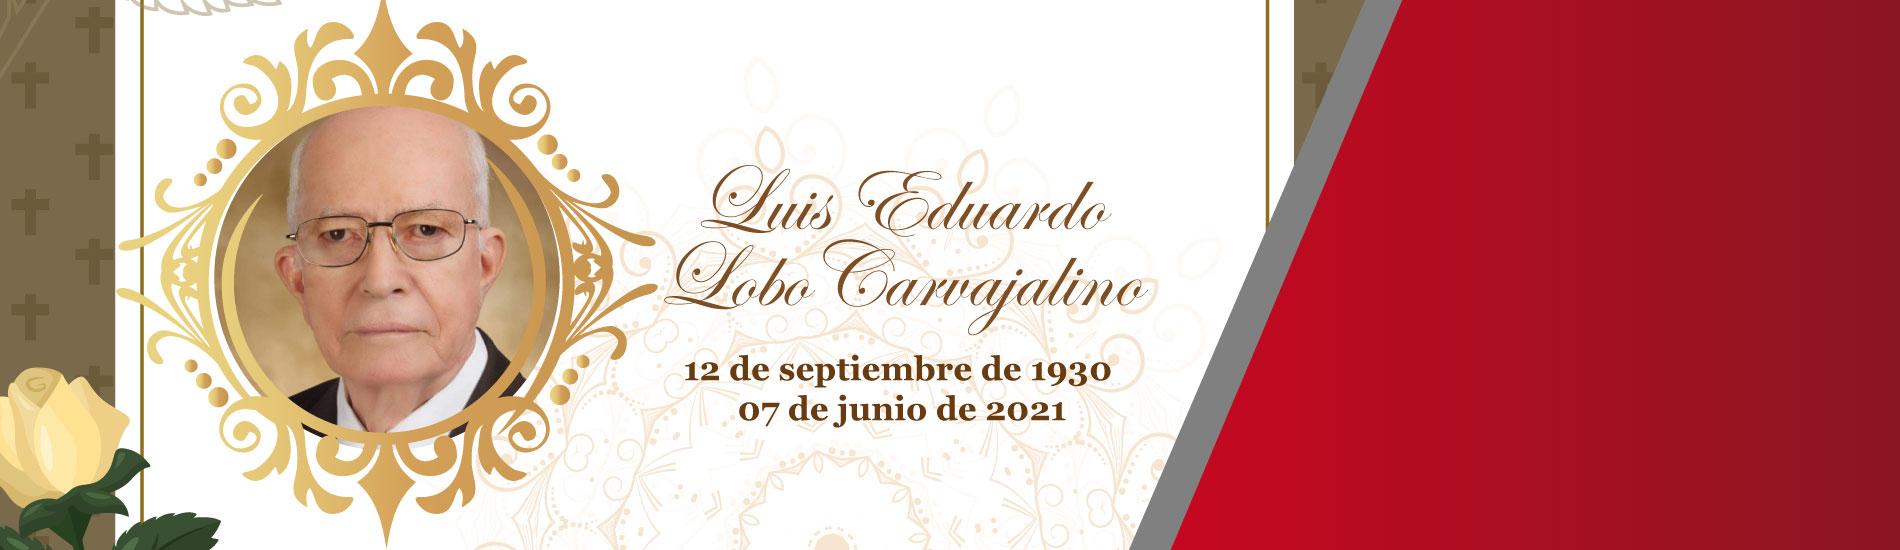 Luis Eduardo Lobo Carvajalino, siempre en nuestra memoria